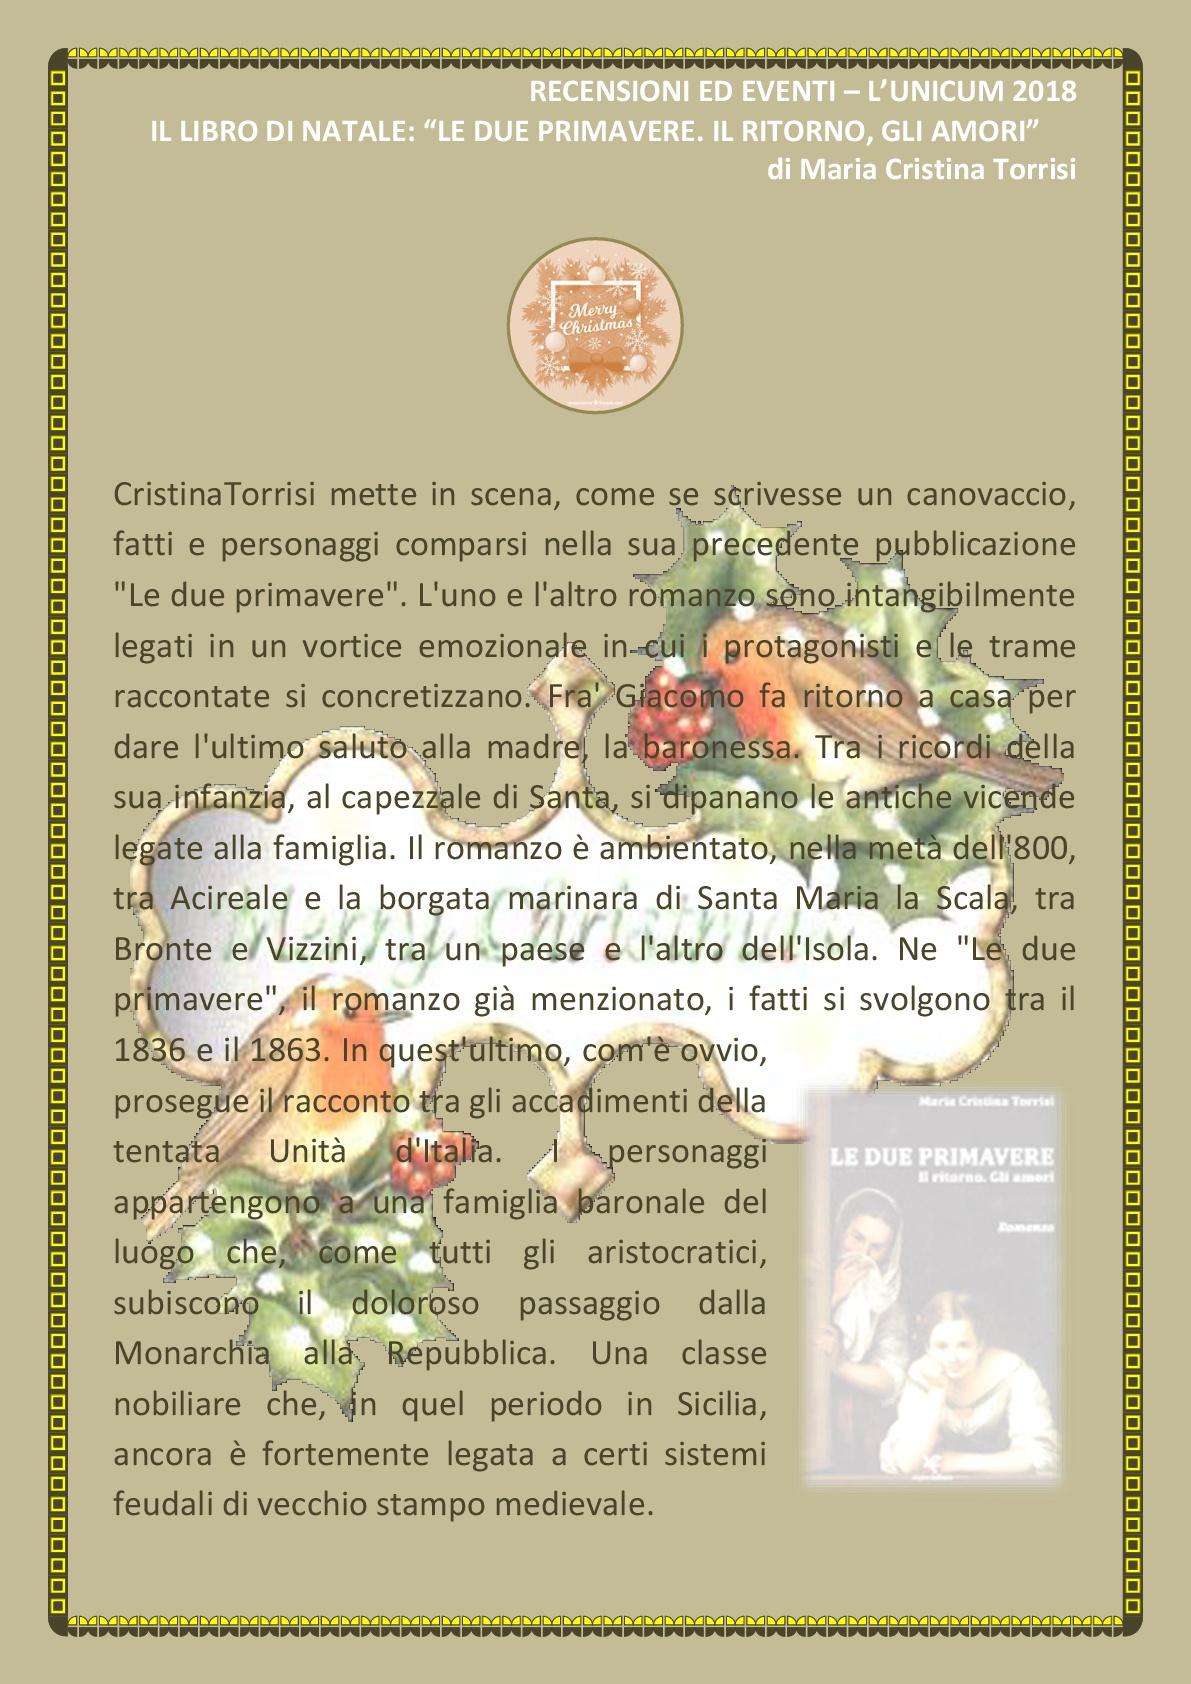 CristinaTorrisi mette in scena-converted-001